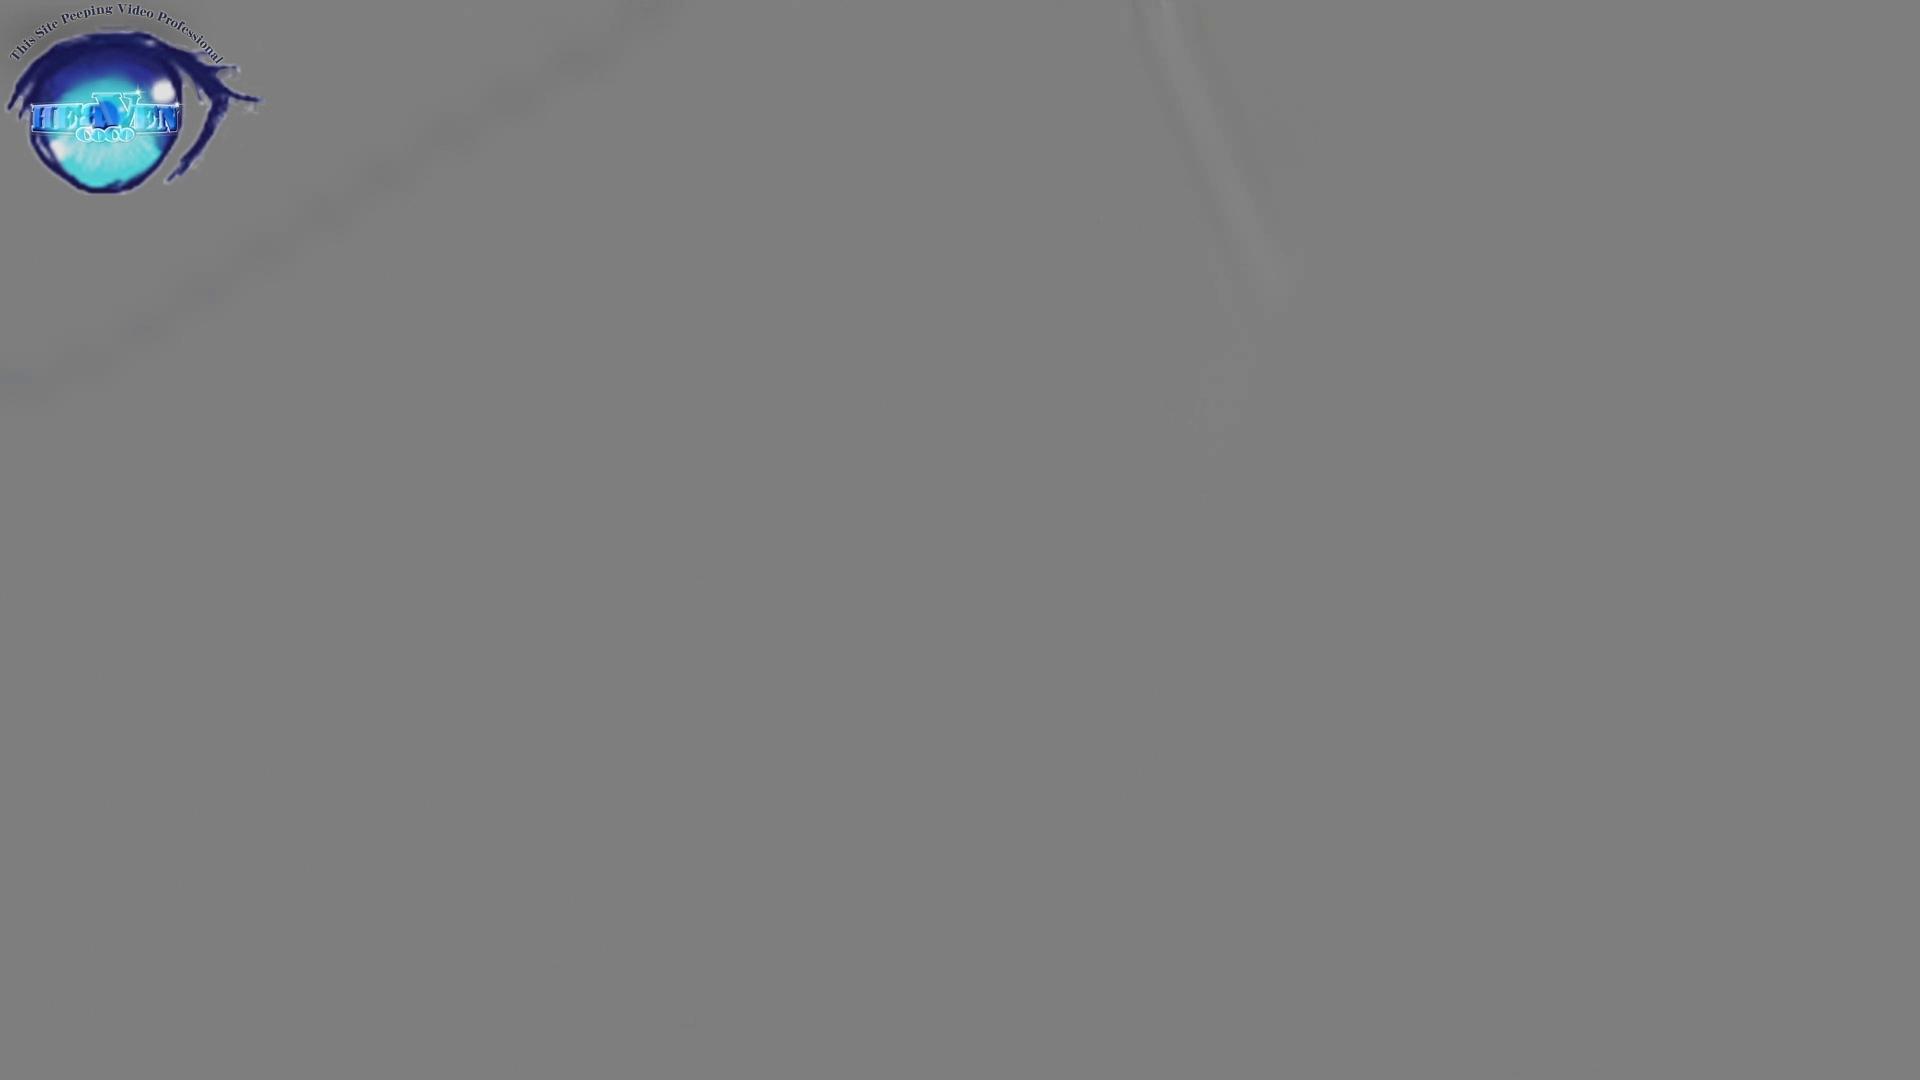 お銀さん vol.59 ピンチ!!「鏡の前で祈る女性」にばれる危機 前編 OLセックス   0  86画像 43